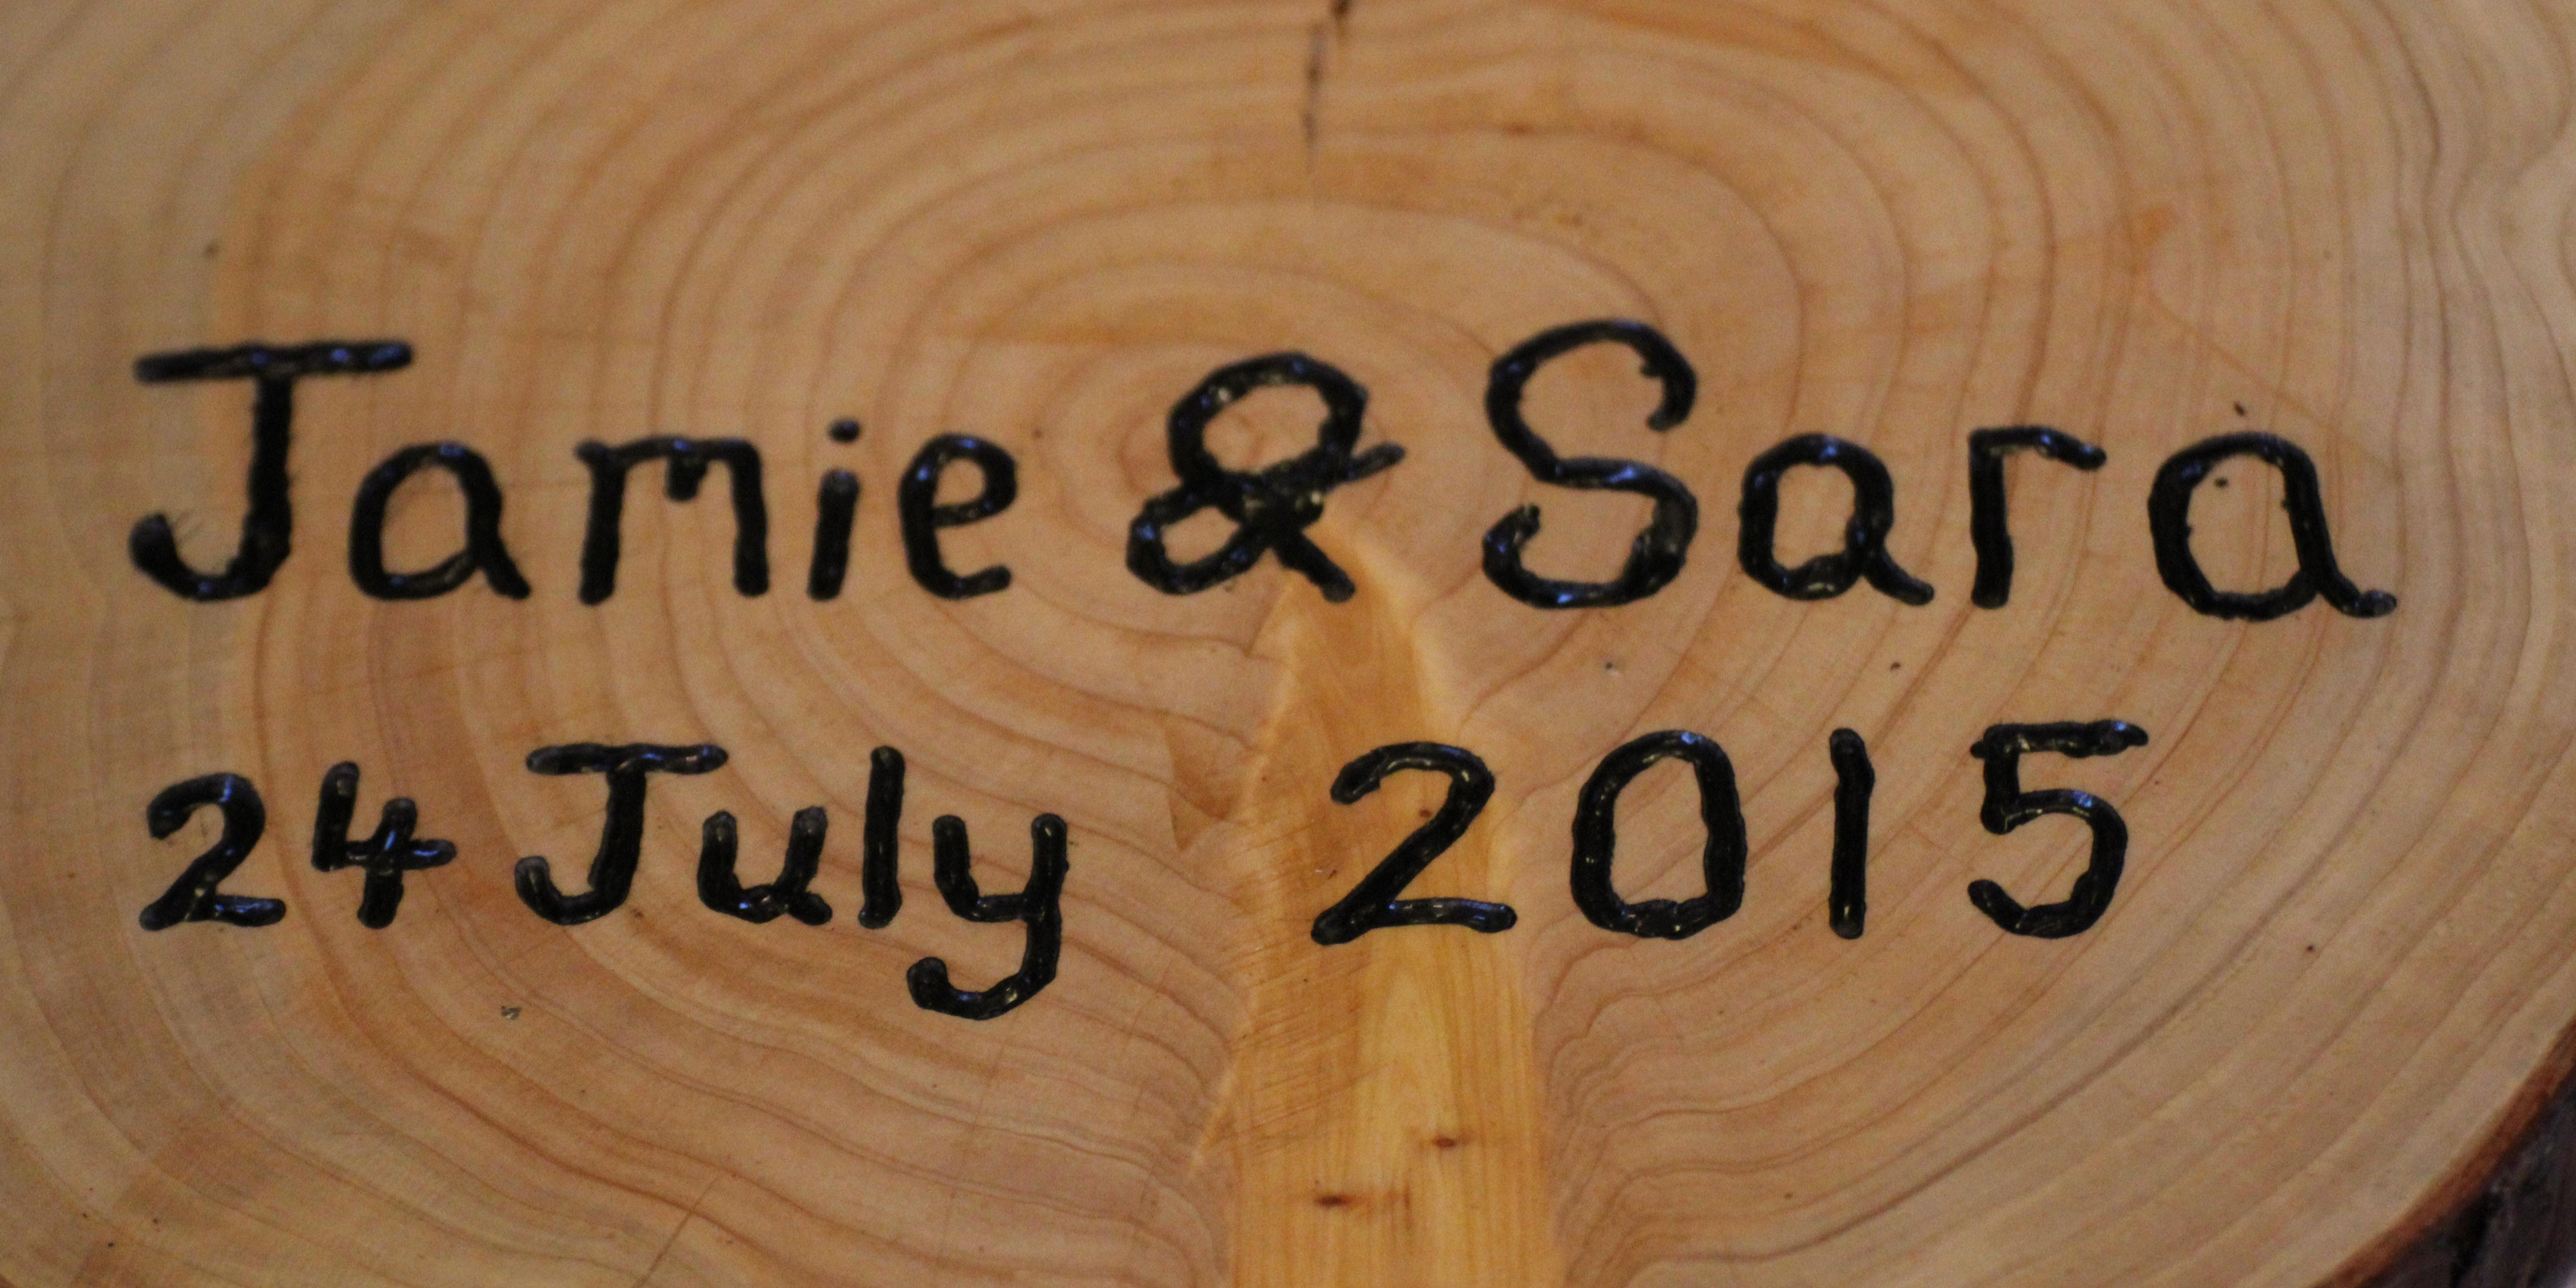 Jamie & Sara